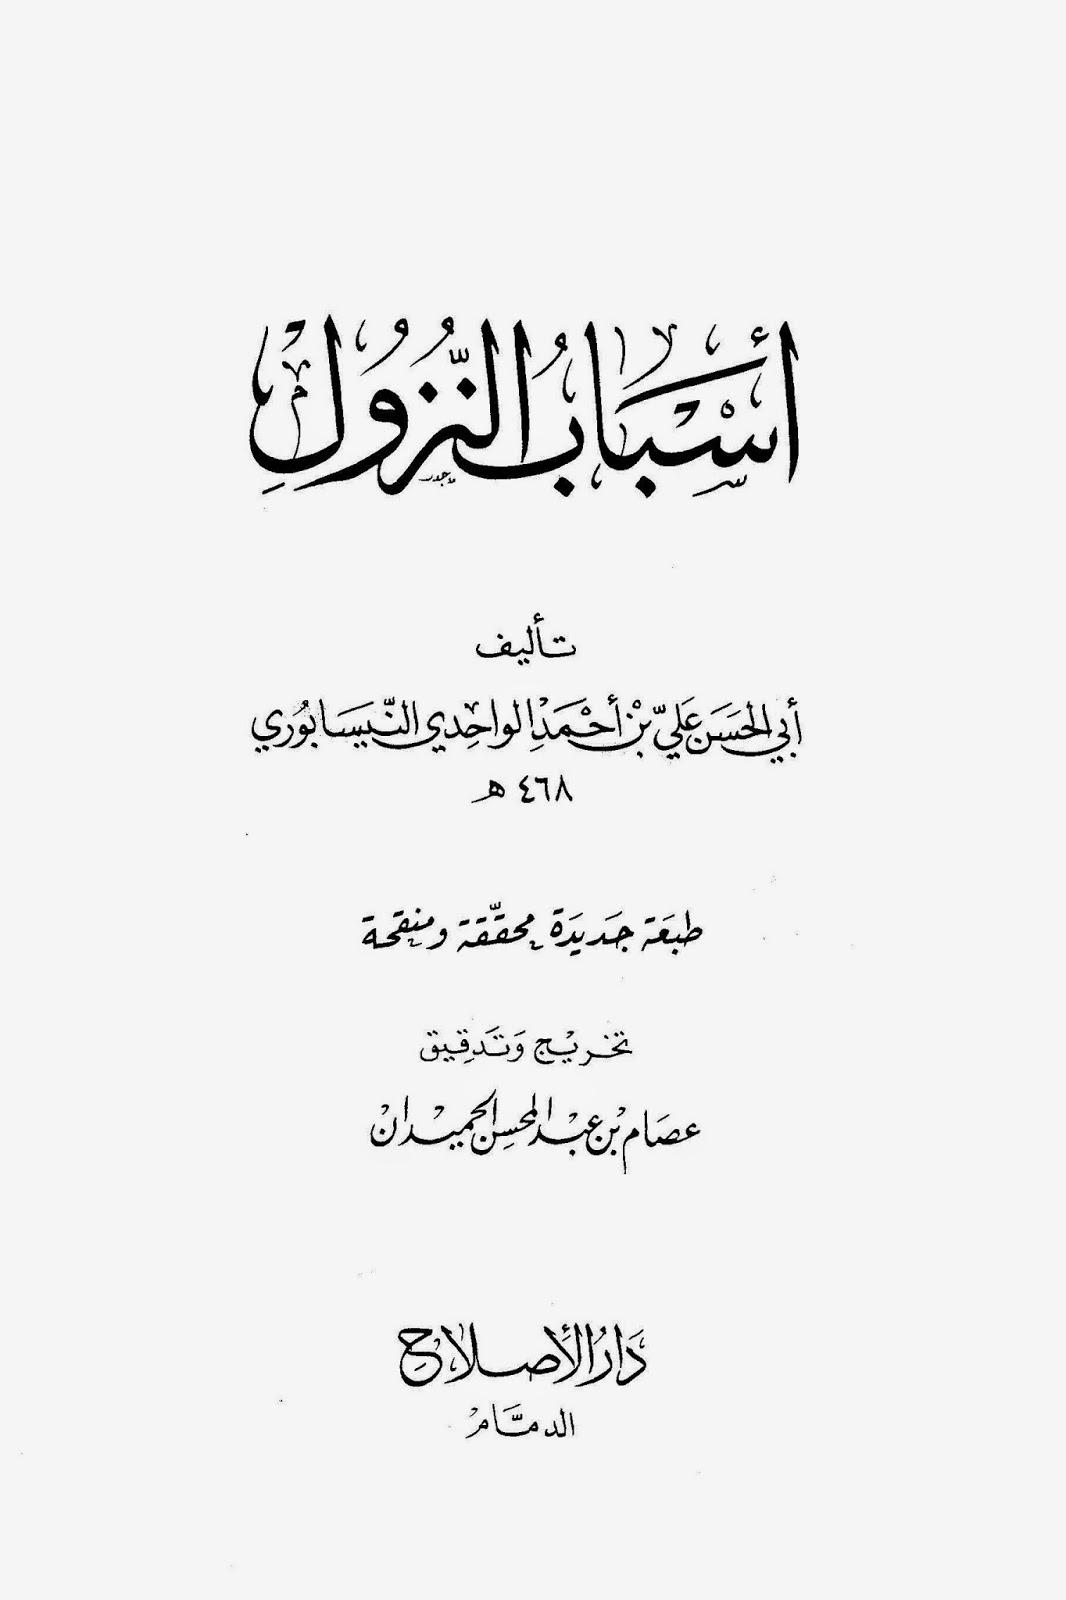 أسباب النزول لللإمام الواحدي pdf